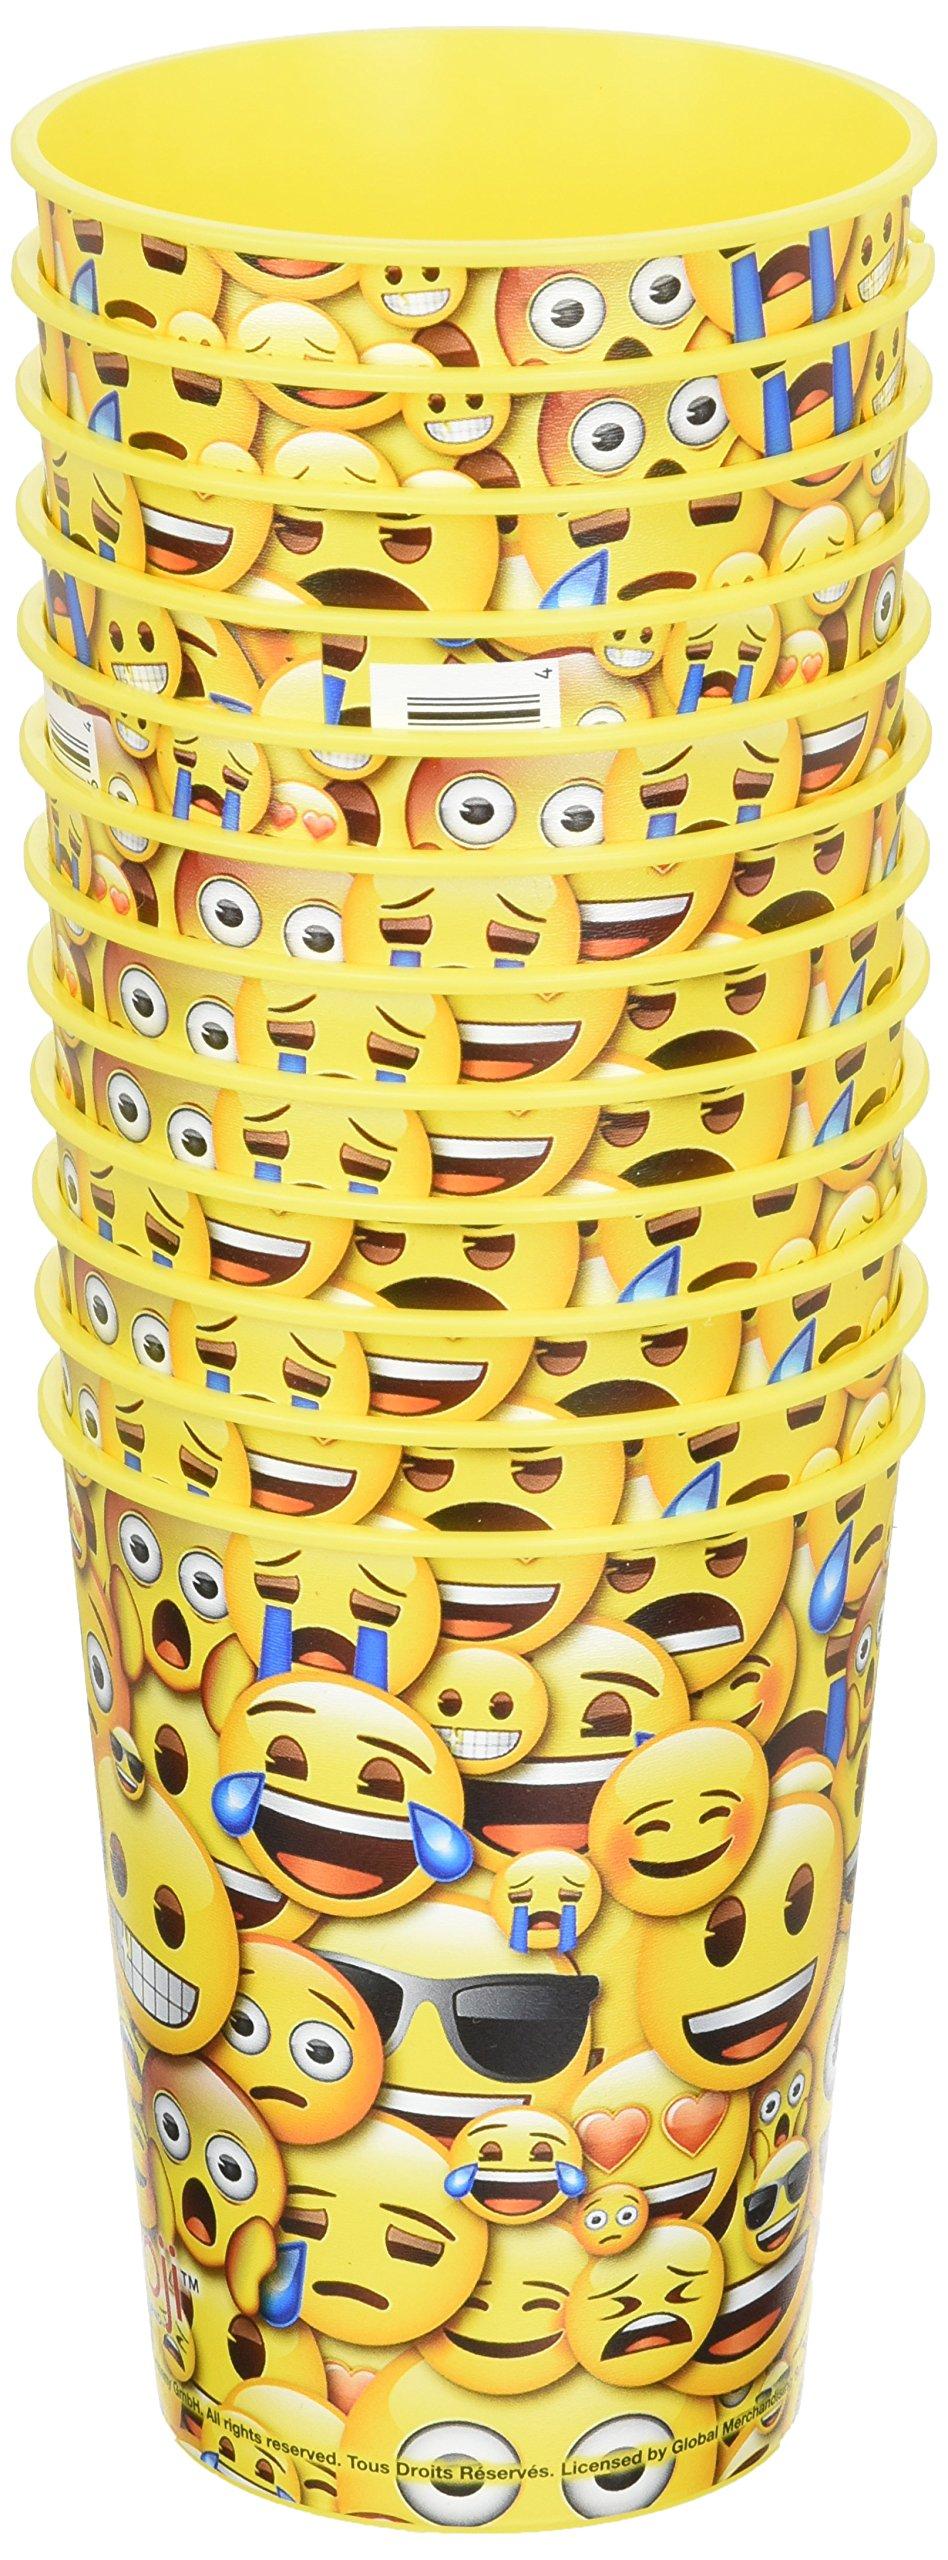 Emoji 16 oz Yellow Reusable Plastic Cup 12 Pieces by emoji